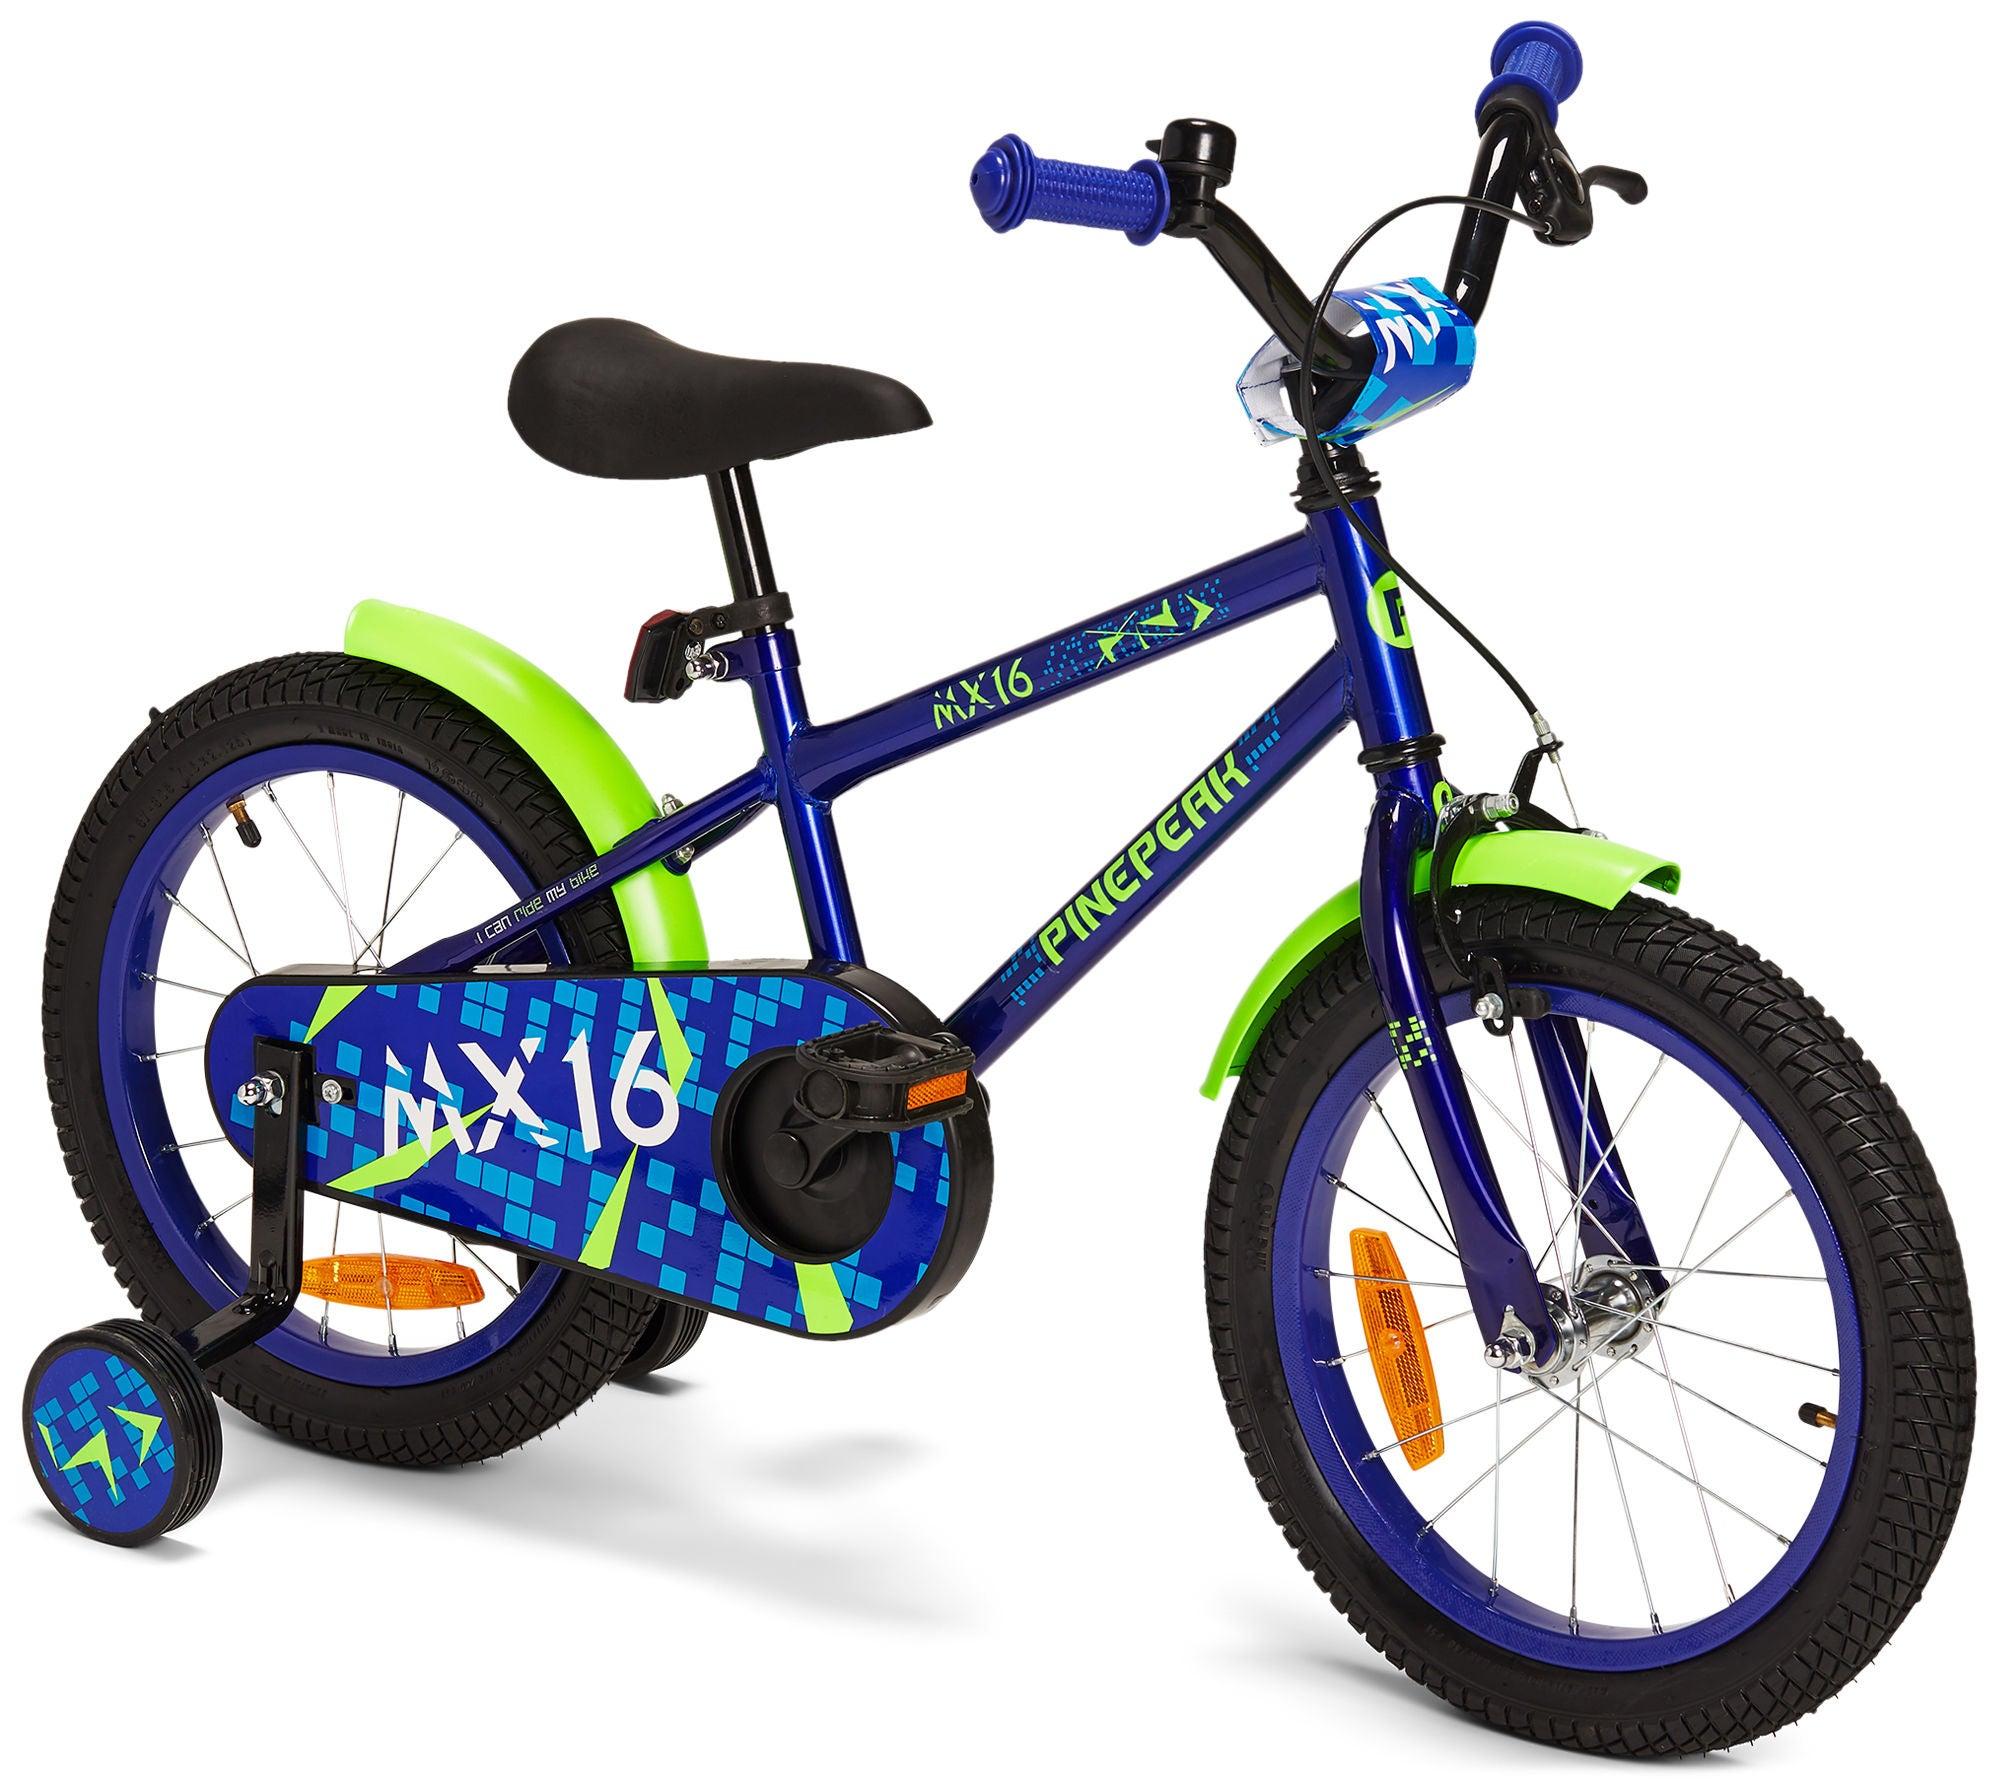 Pinepeak Børnecykel 16 Tommer, Blå | City-cykler